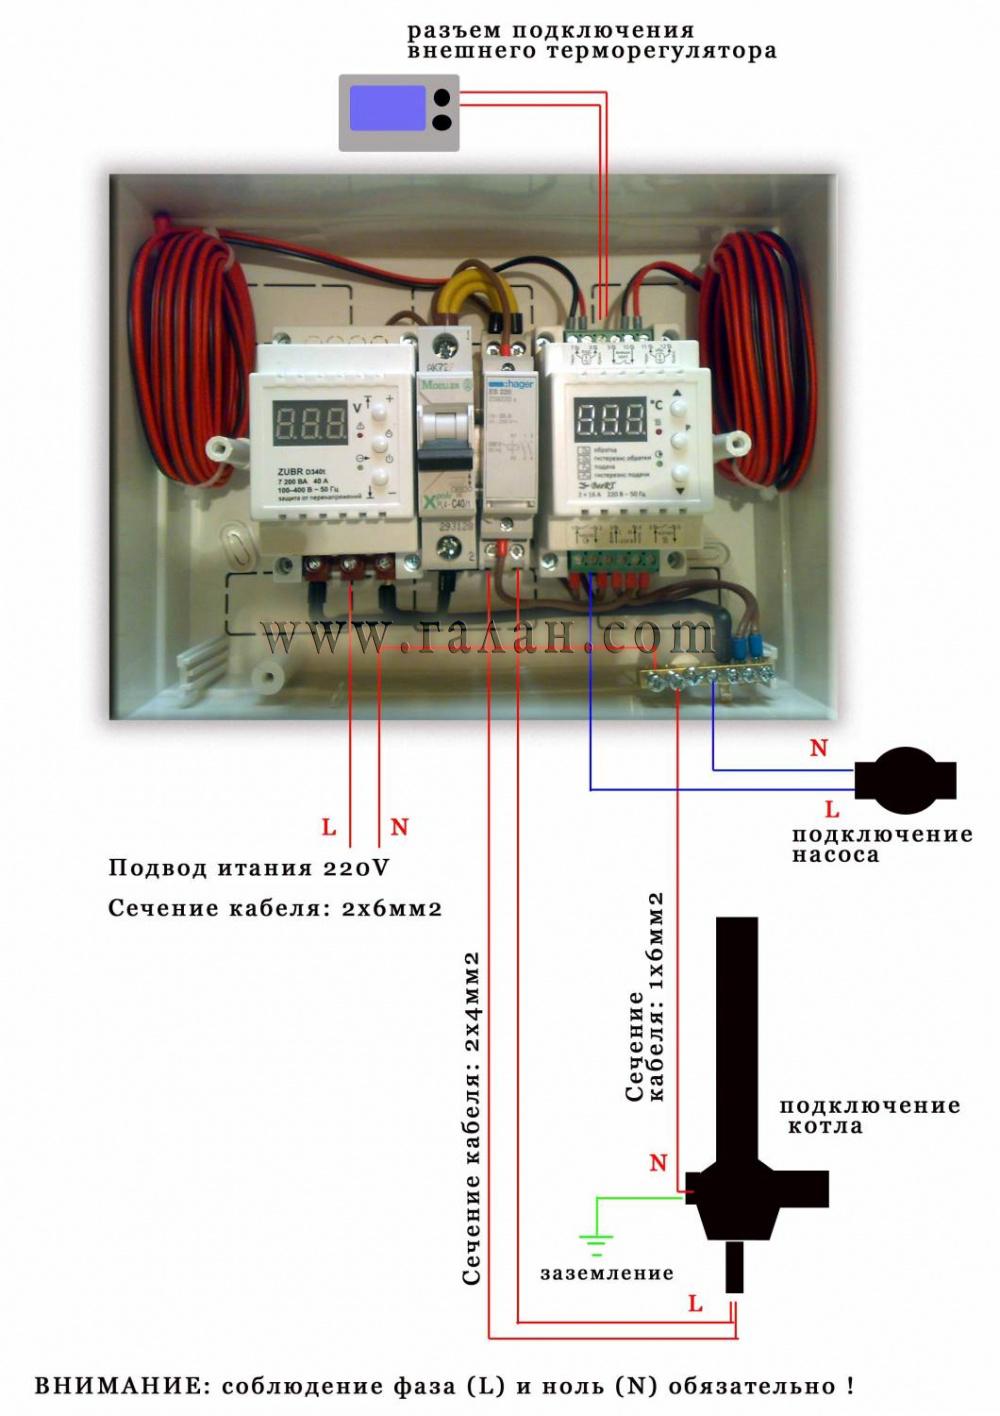 Схема подключения котла галан фото